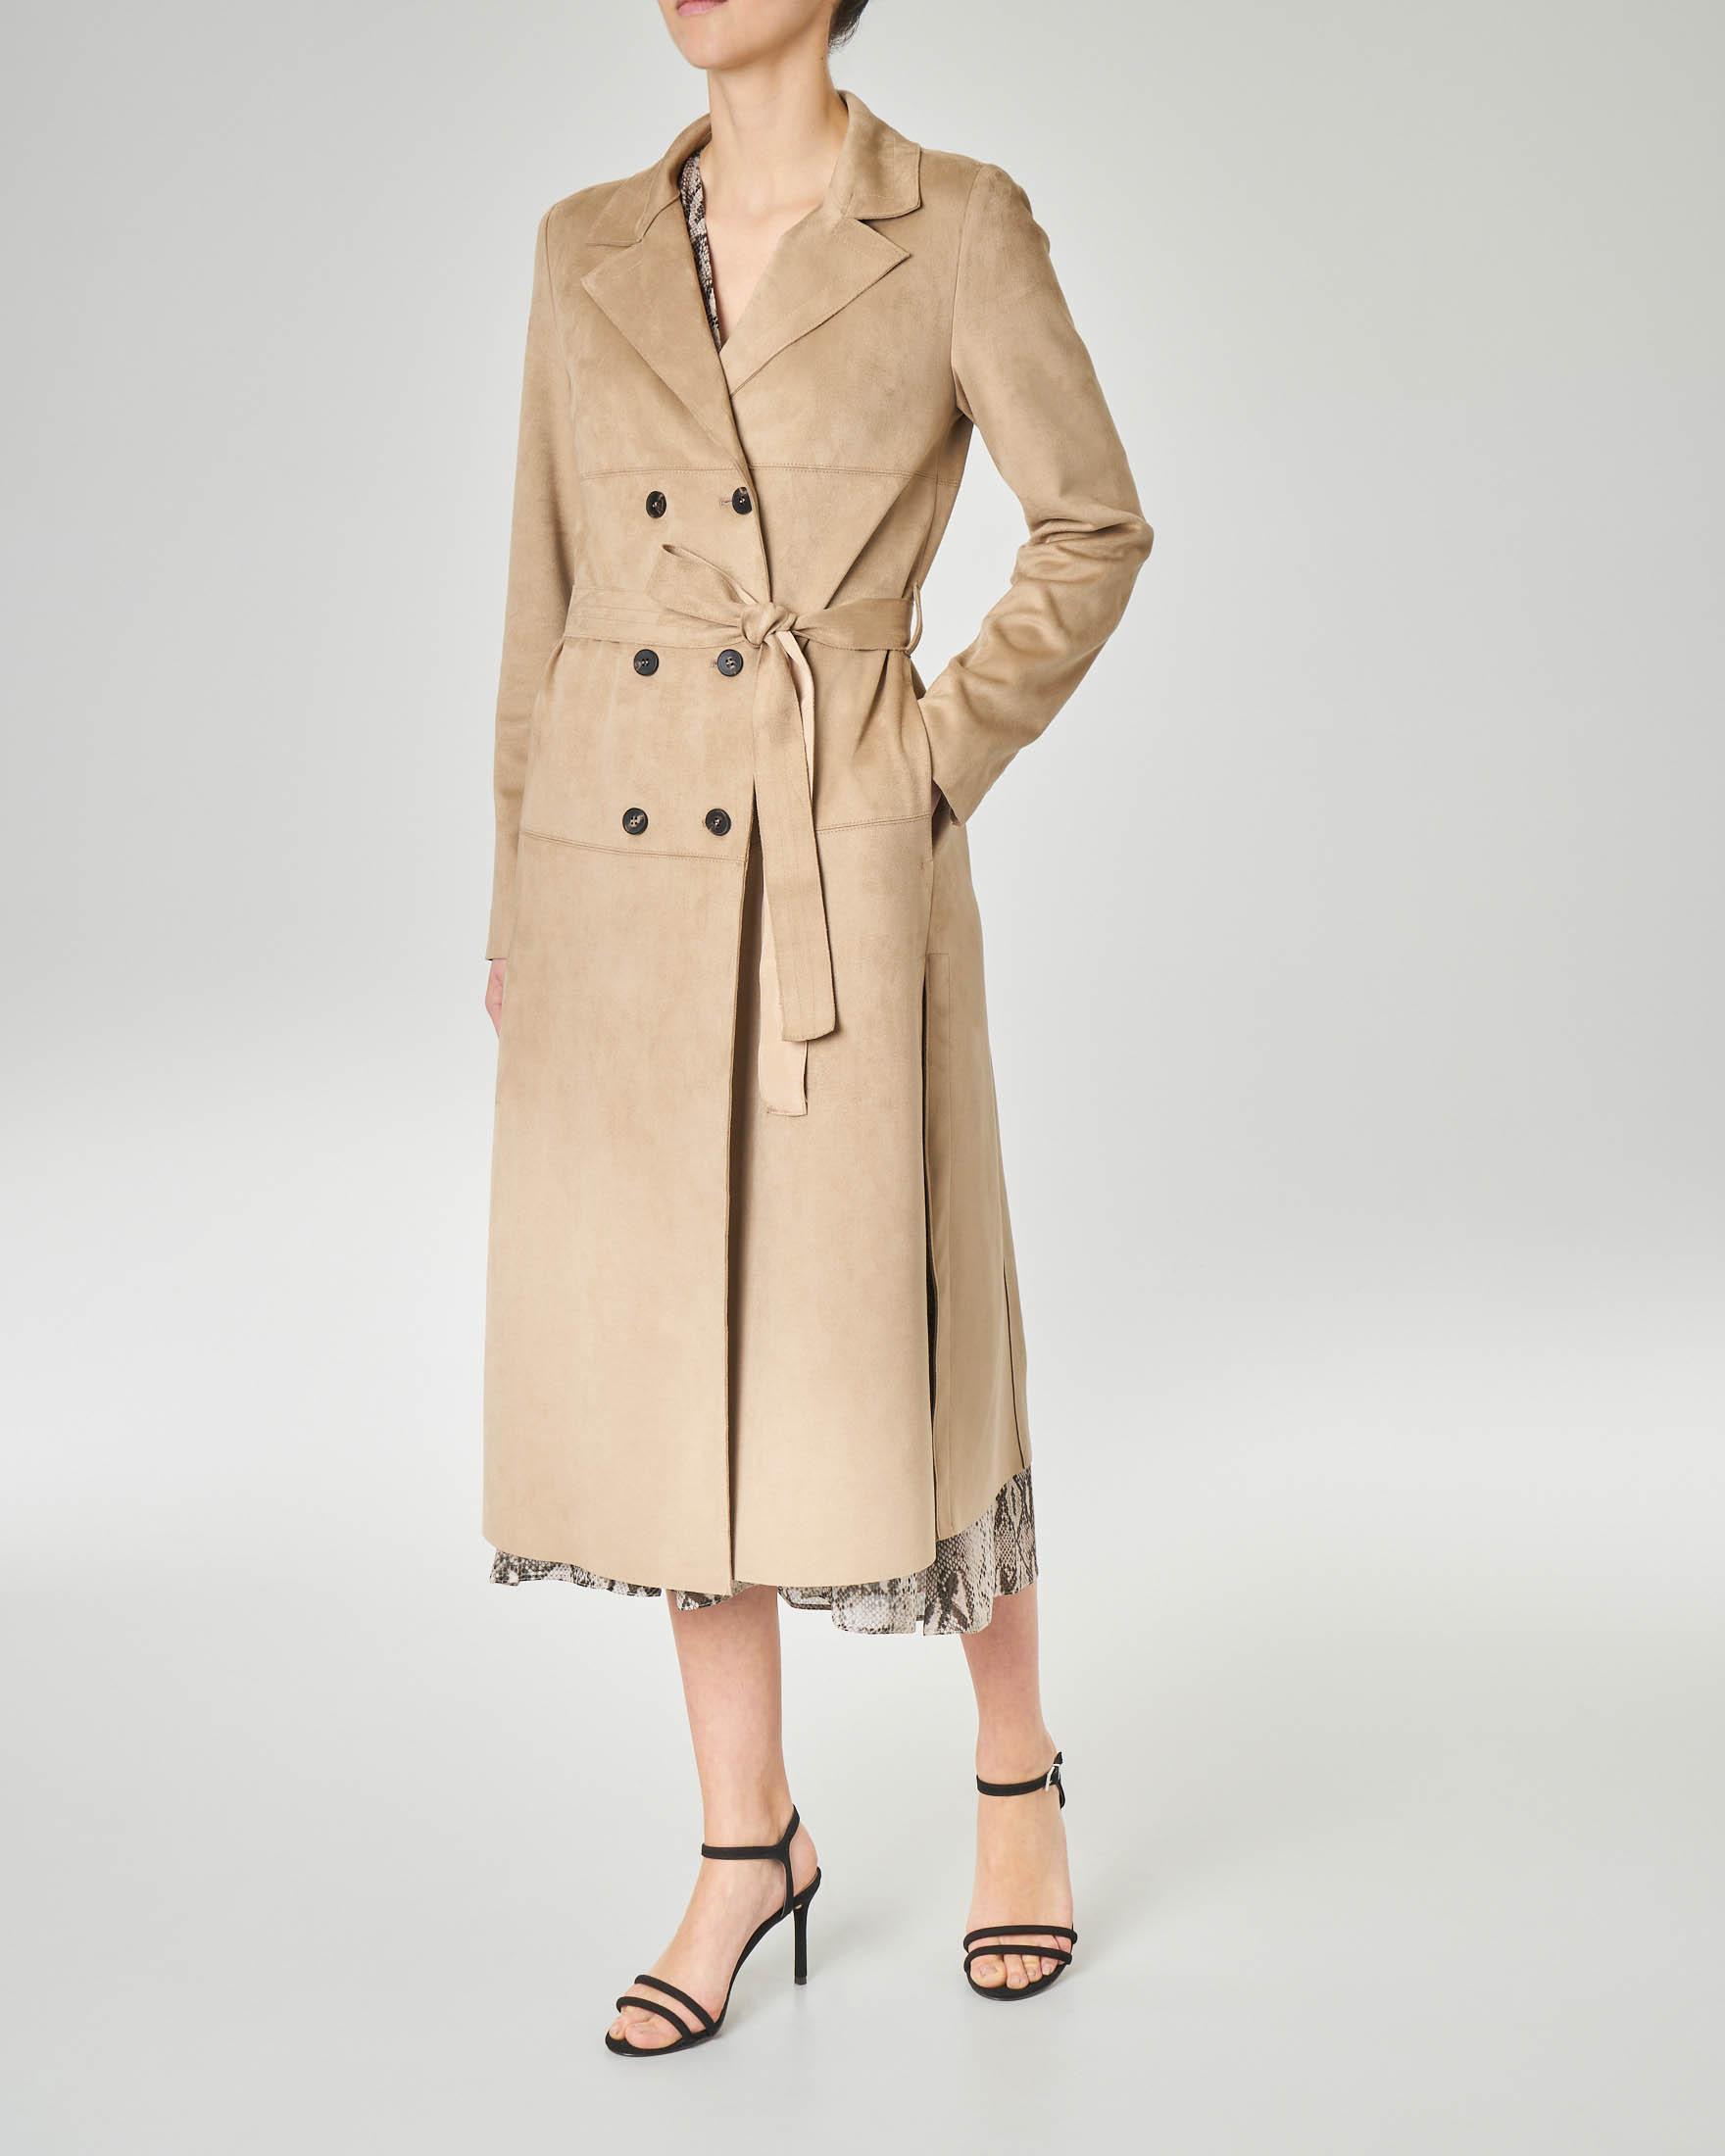 Cappotto doppiopetto in tessuto beige effetto scamociato con cintura in vita